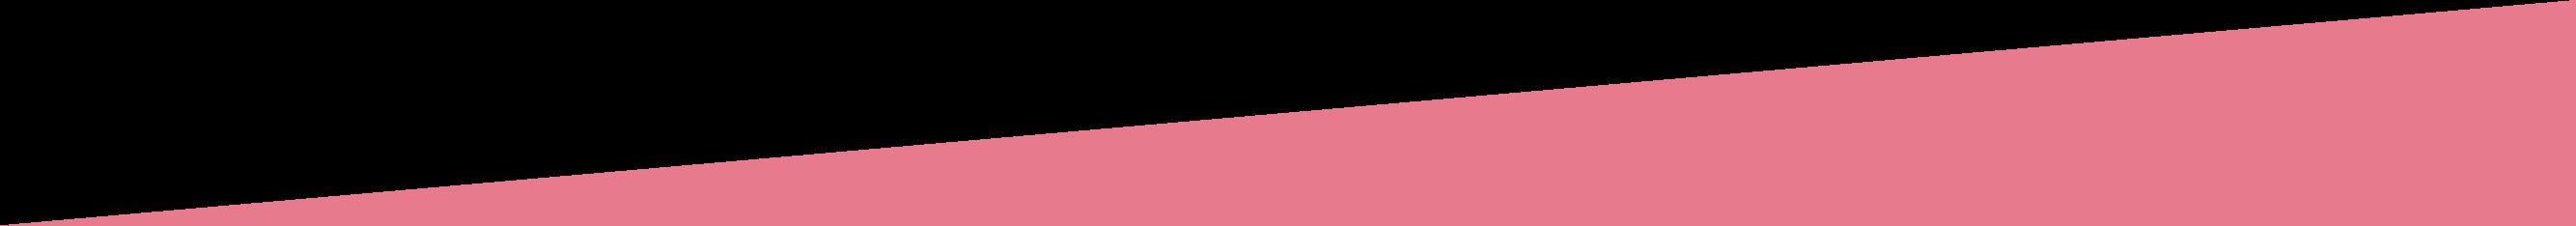 boven-omhoog-roze